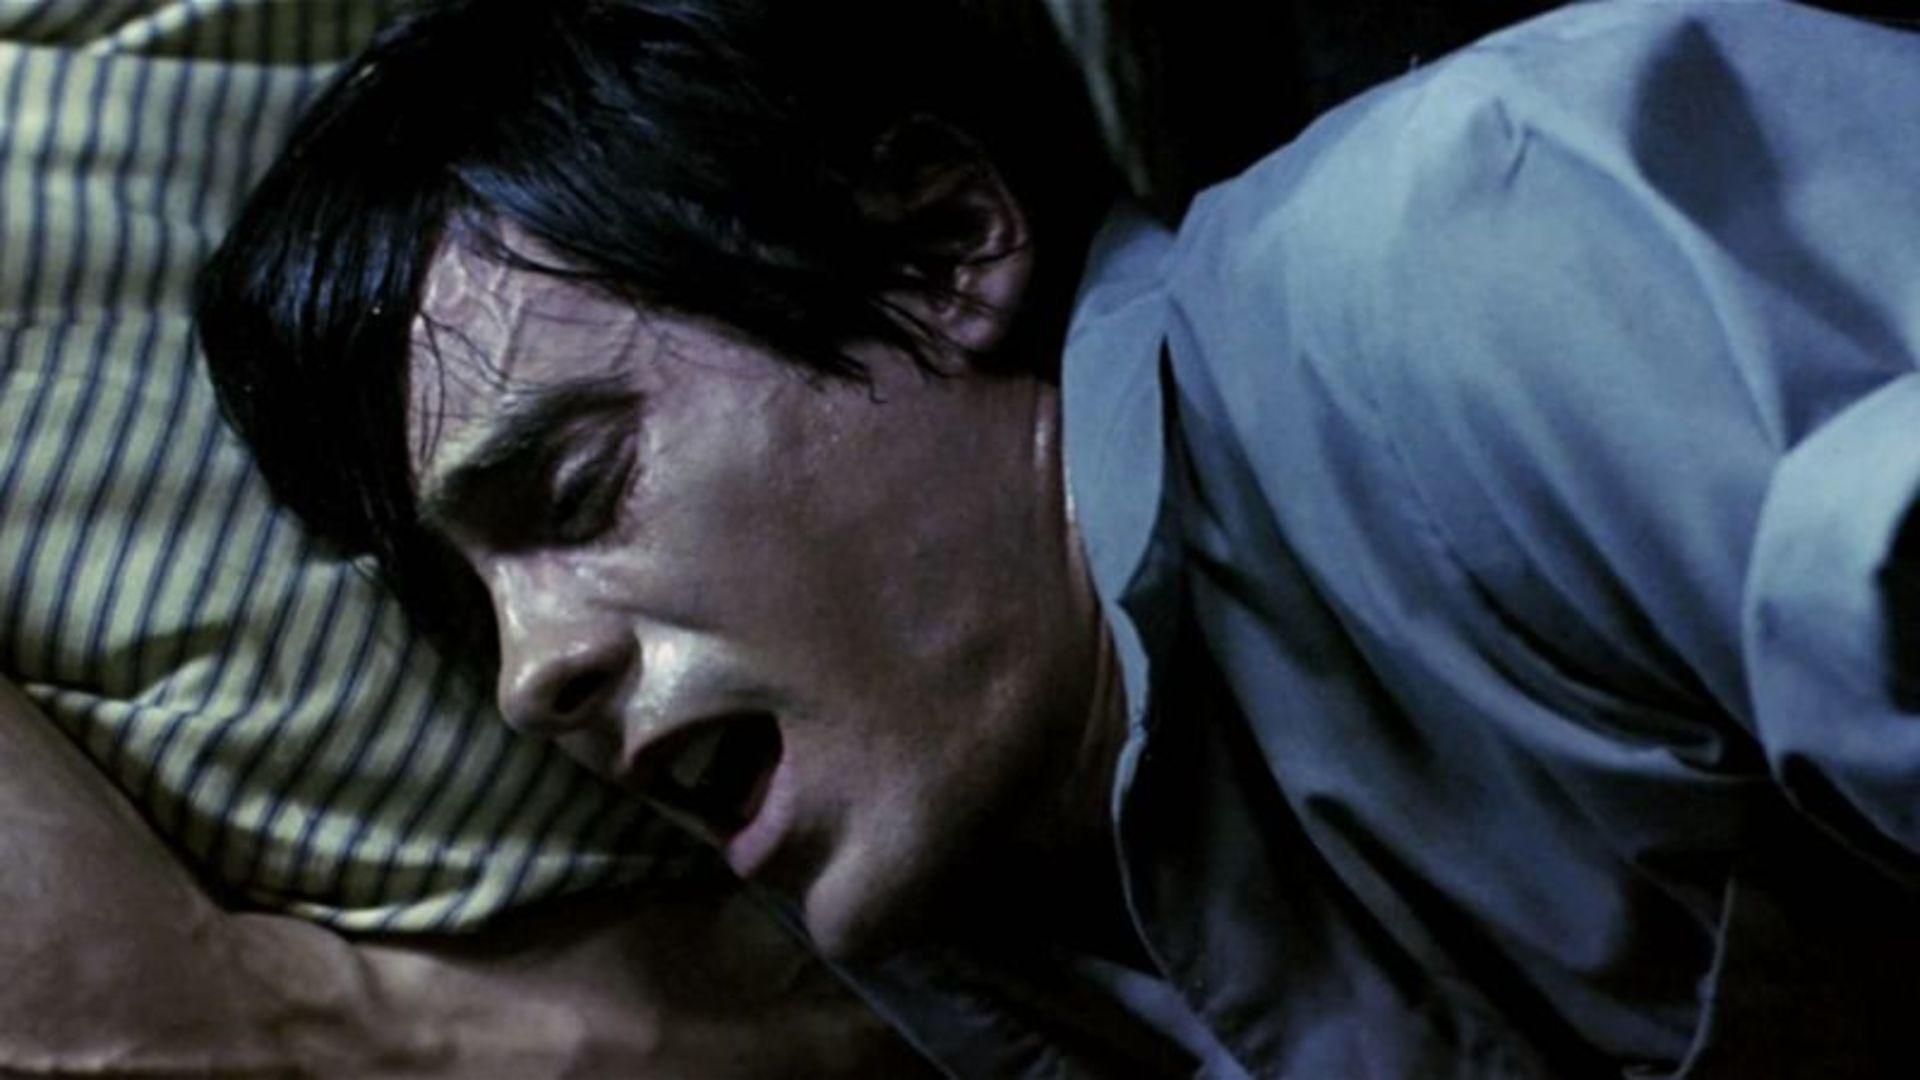 Filmklassieker 'Requiem for a Dream' van Darren Aronofsky opnieuw uitgebracht